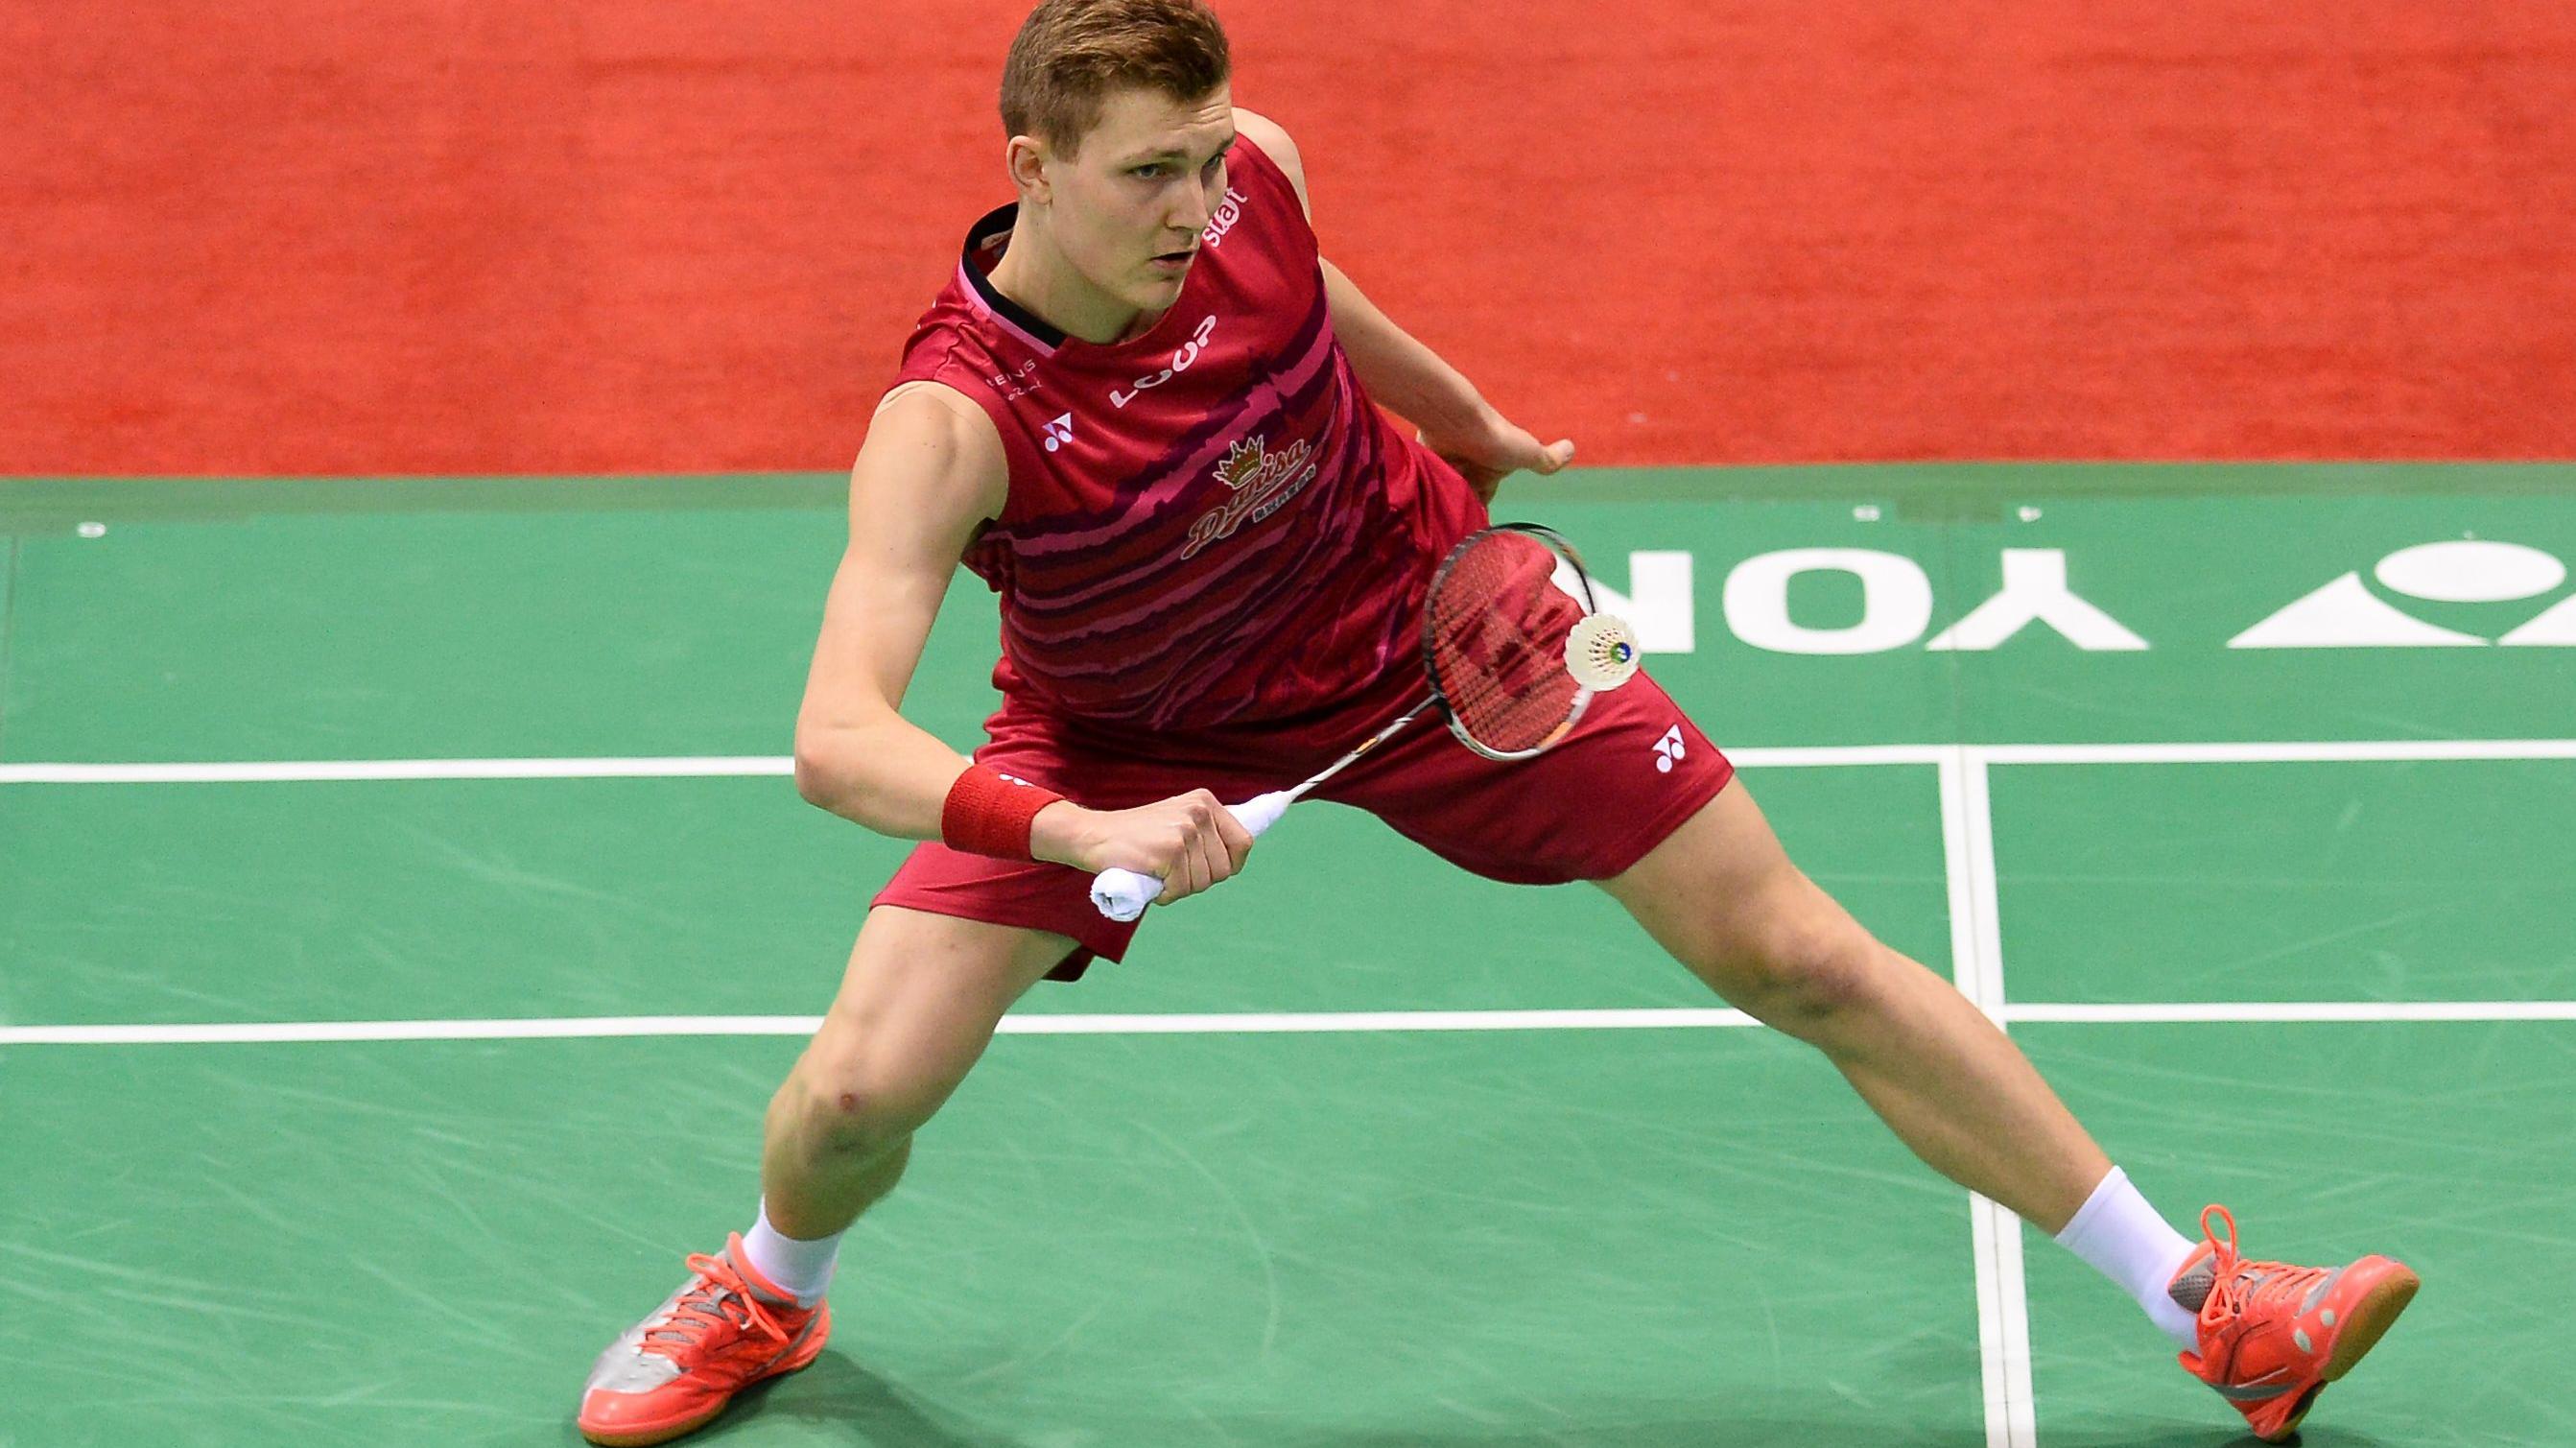 Viktor Axelsen er finaleklar i In n med sikker sejr Badminton